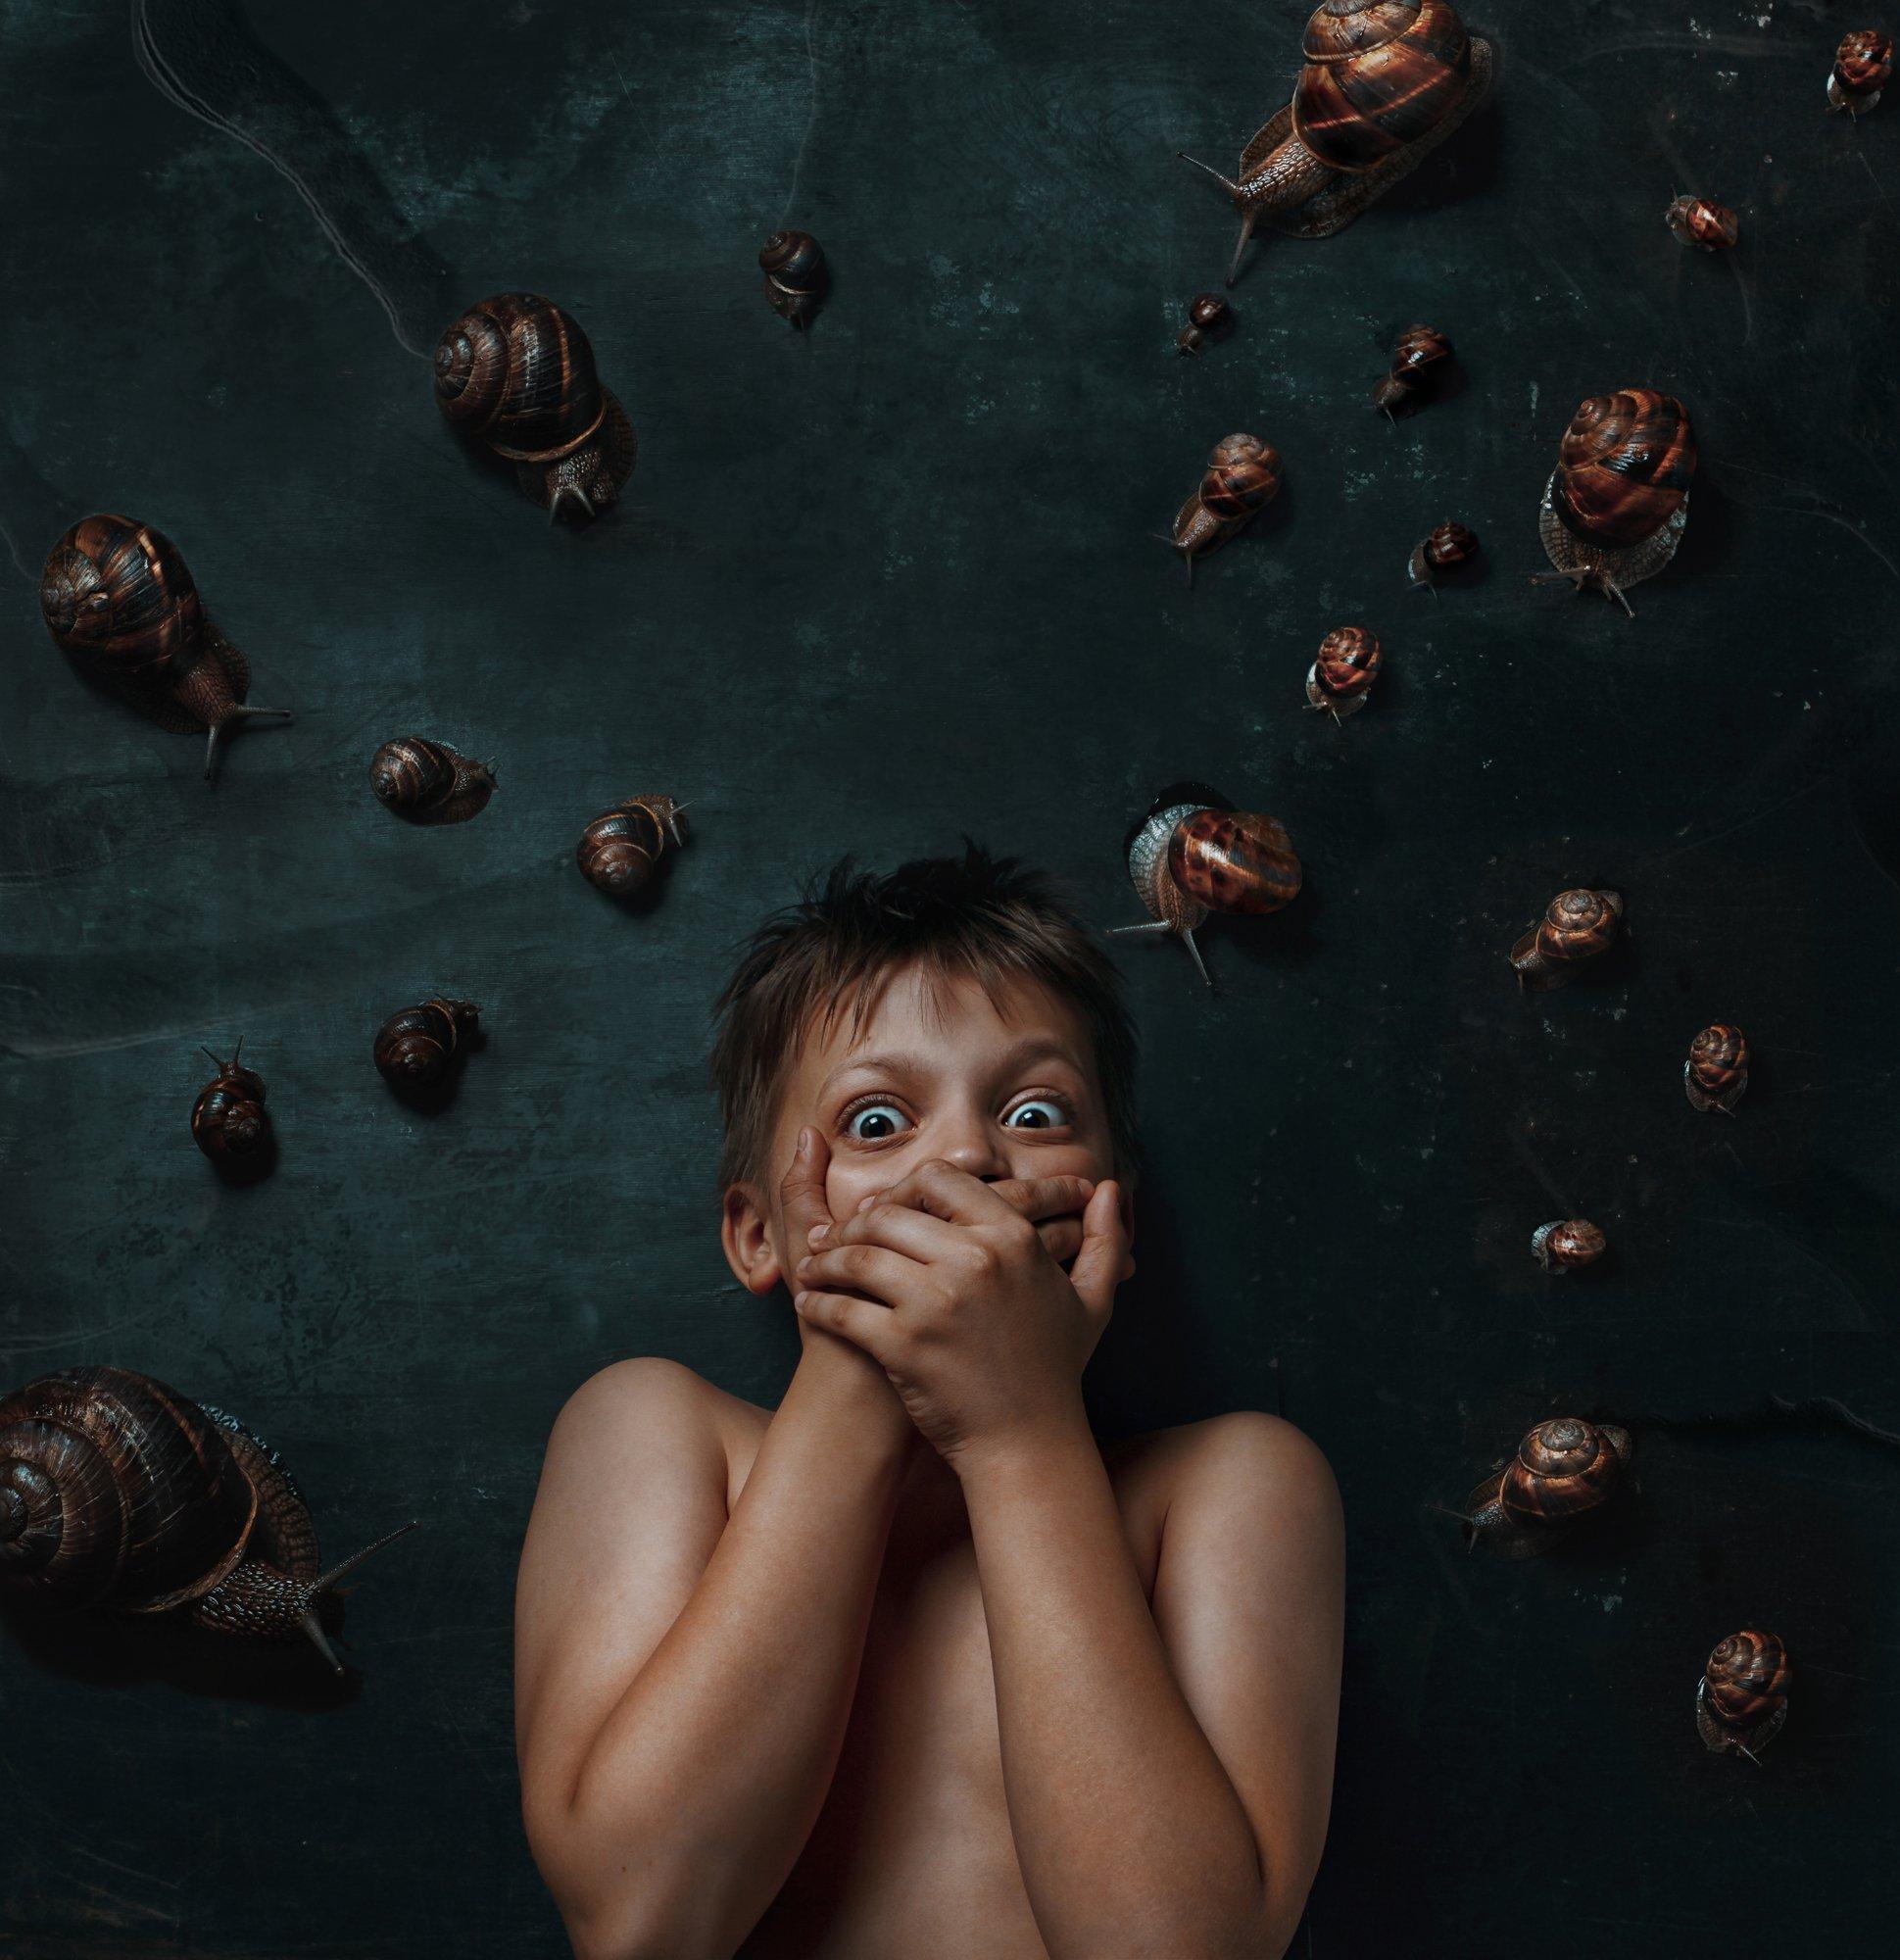 фобия, страх, ребенок, мальчик, портрет, улитка, Наталья Голубева